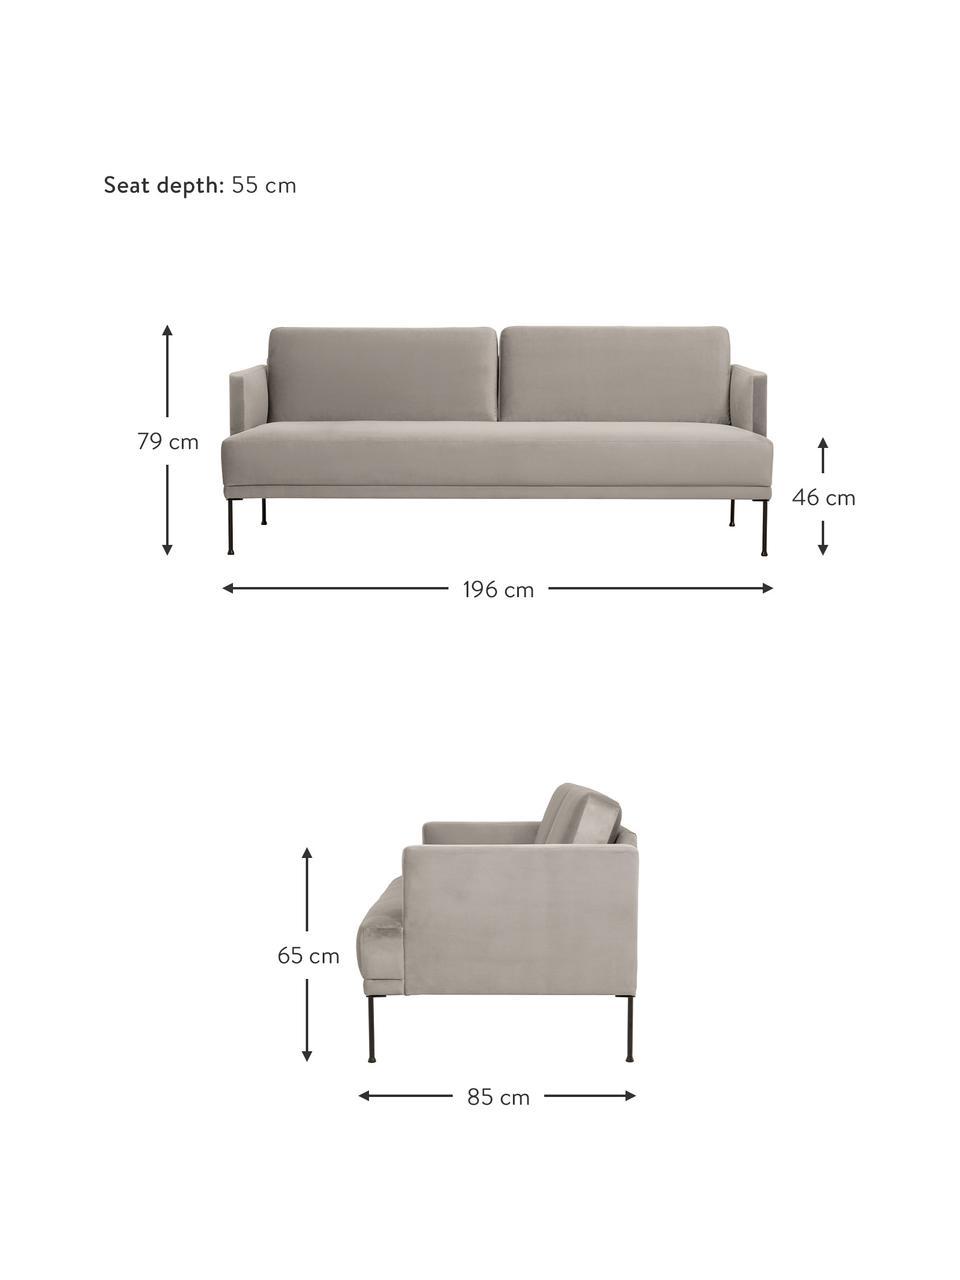 Sofa z aksamitu  z metalowymi nogami Fluente (3-osobowa), Tapicerka: aksamit (wysokiej jakości, Nogi: metal malowany proszkowo, Aksamitny beżowy, S 196 x G 85 cm